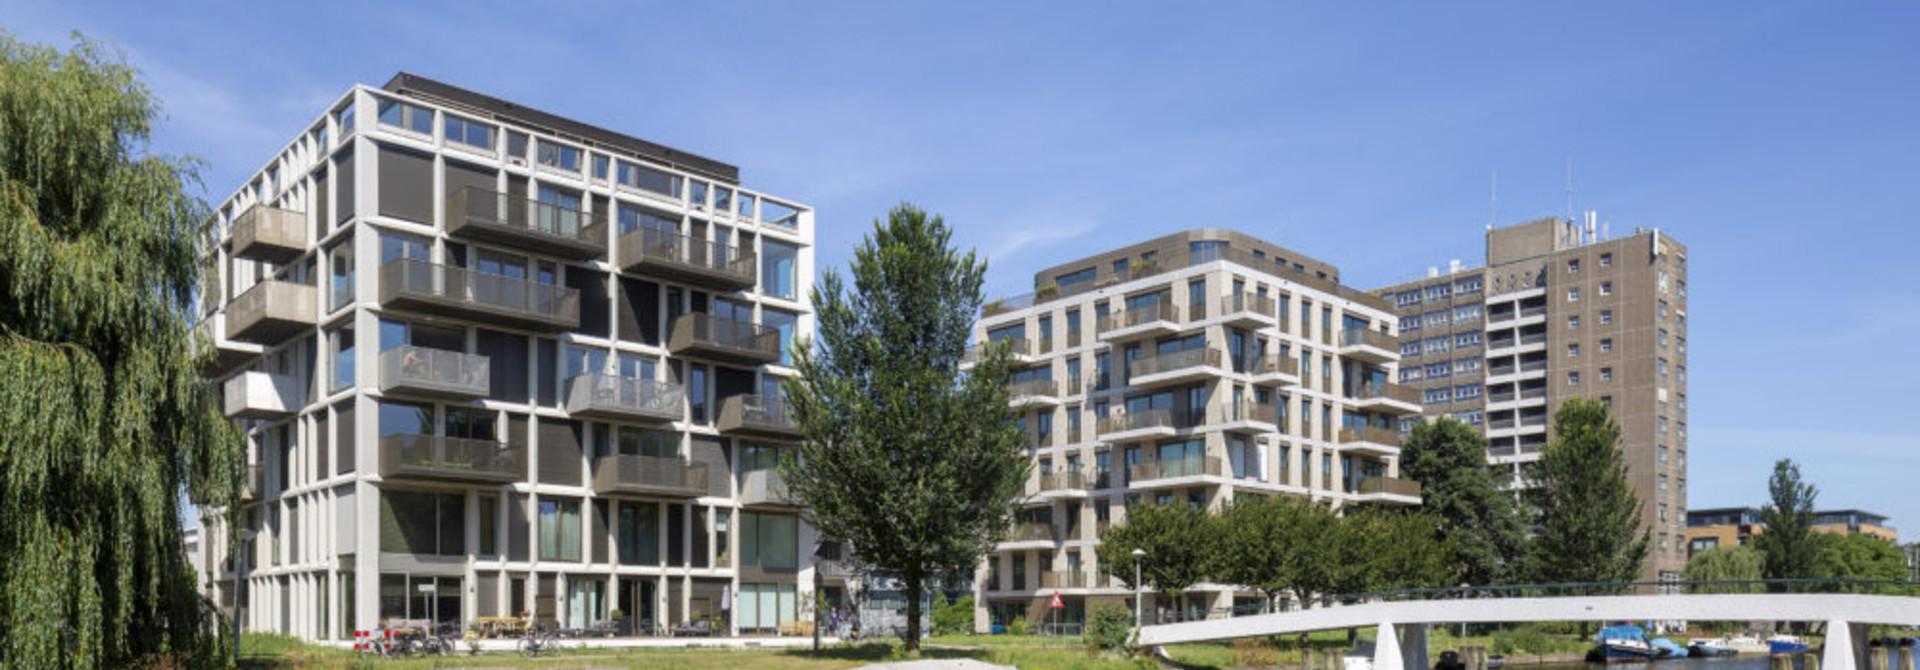 Maissonette Westlandgracht Amsterdam